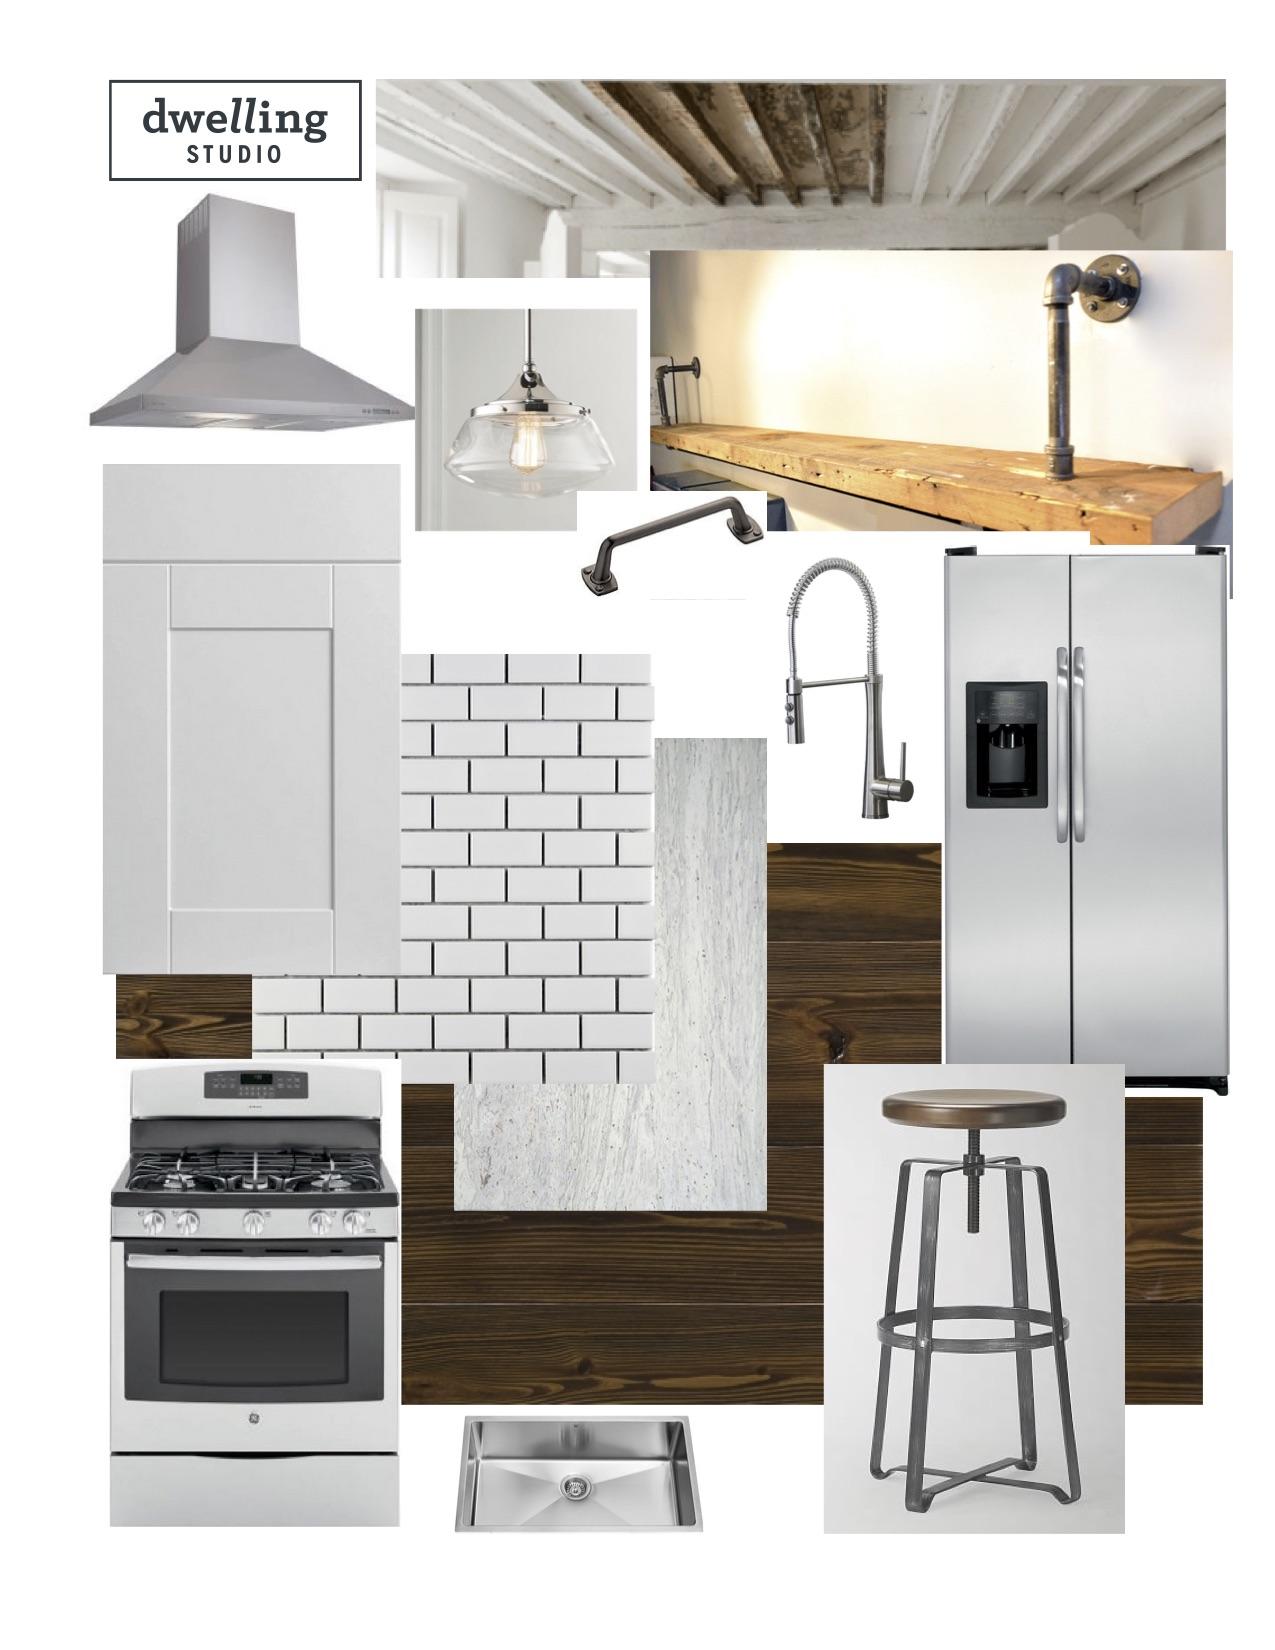 modern schoolhouse kitchen design mood boardjpg - Kitchen Redesign